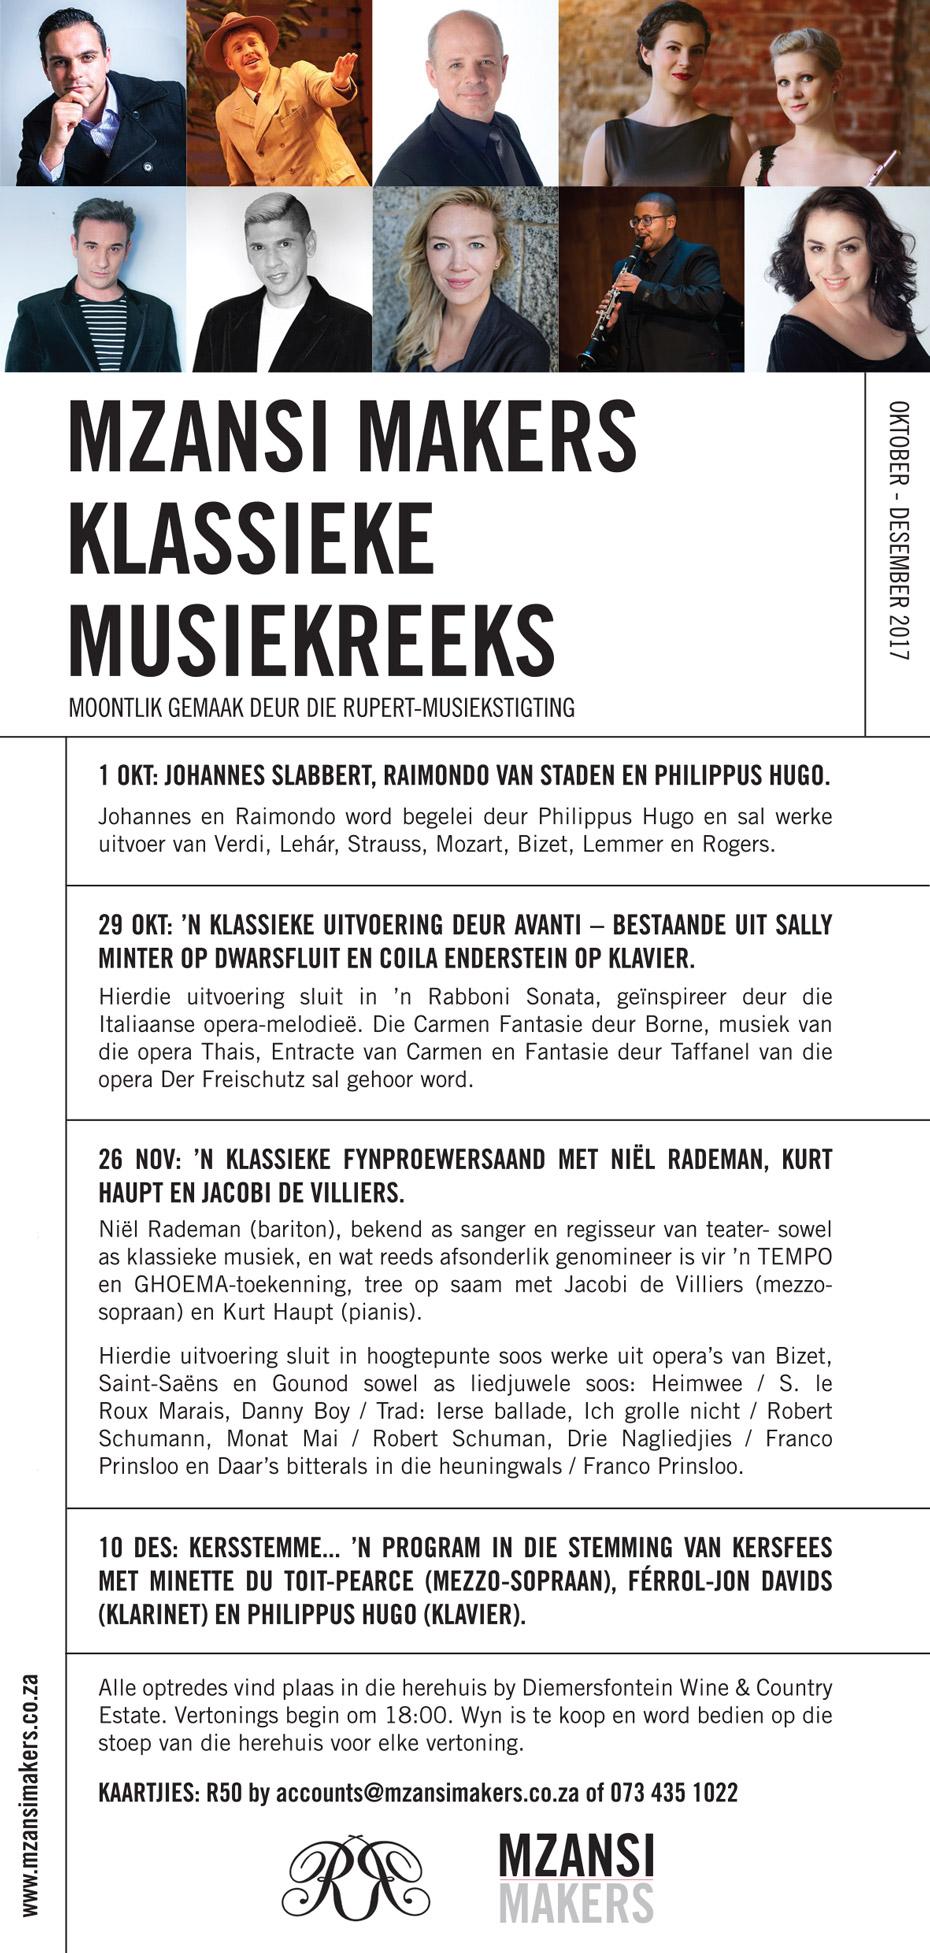 Mzansi Makers Klassieke Musiek Reeks